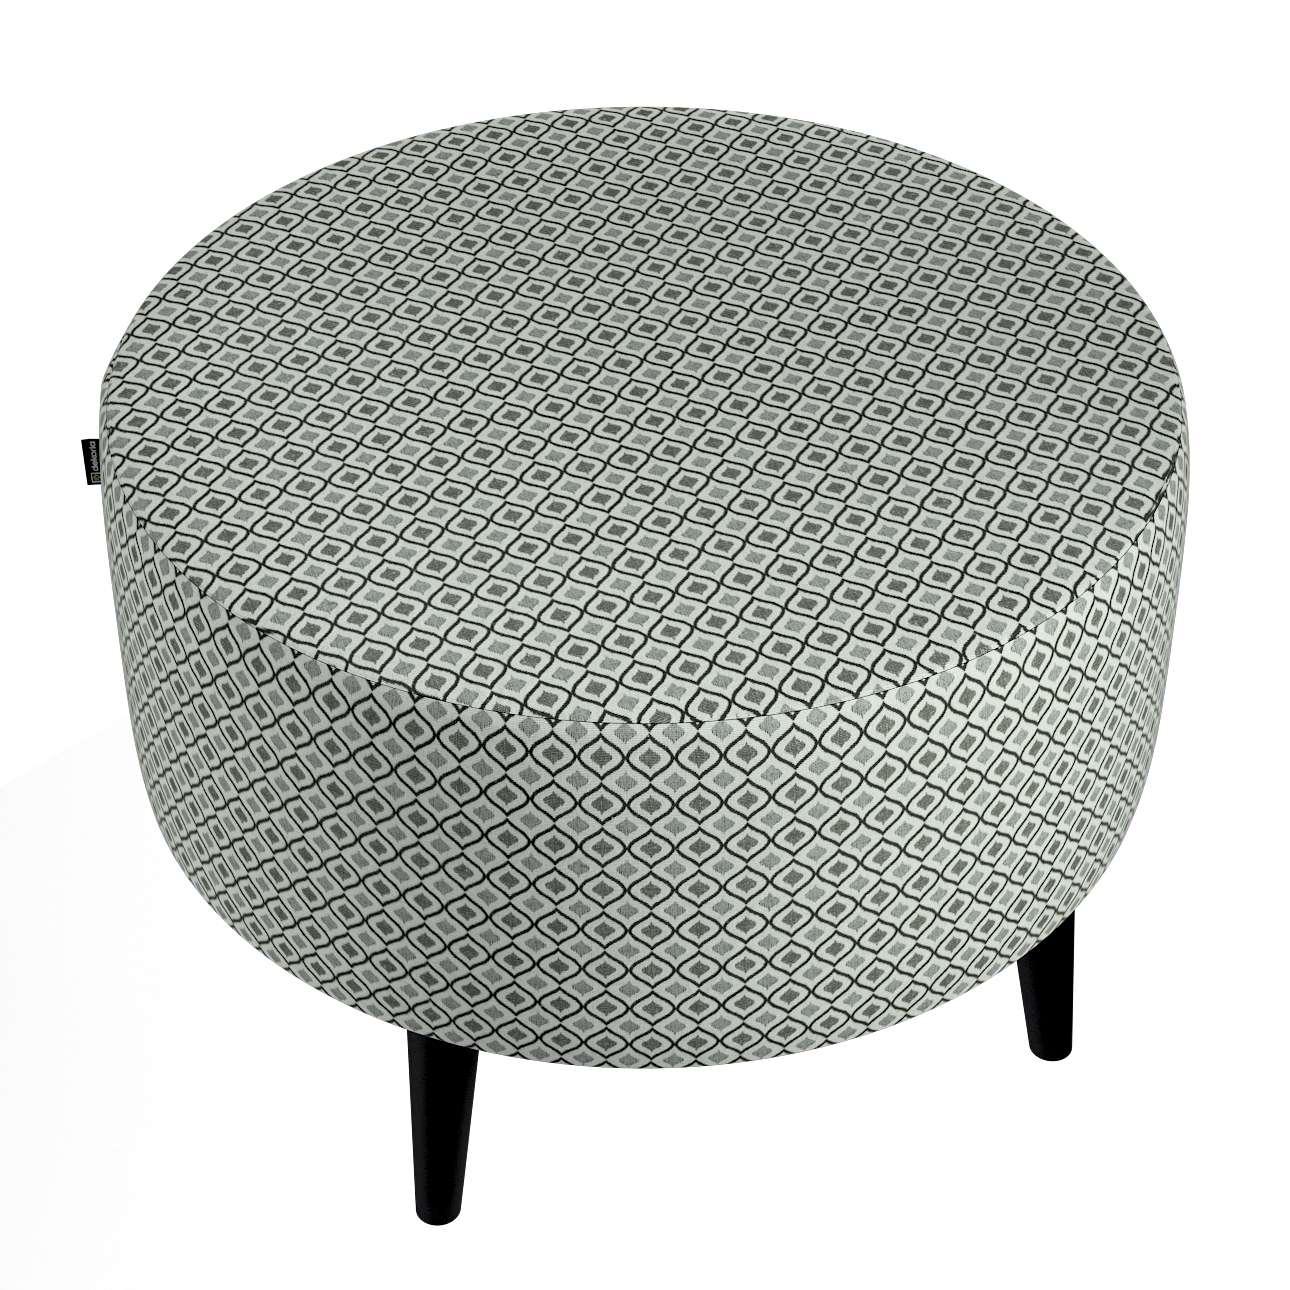 Podnóżek okrągły I w kolekcji Black & White, tkanina: 142-76